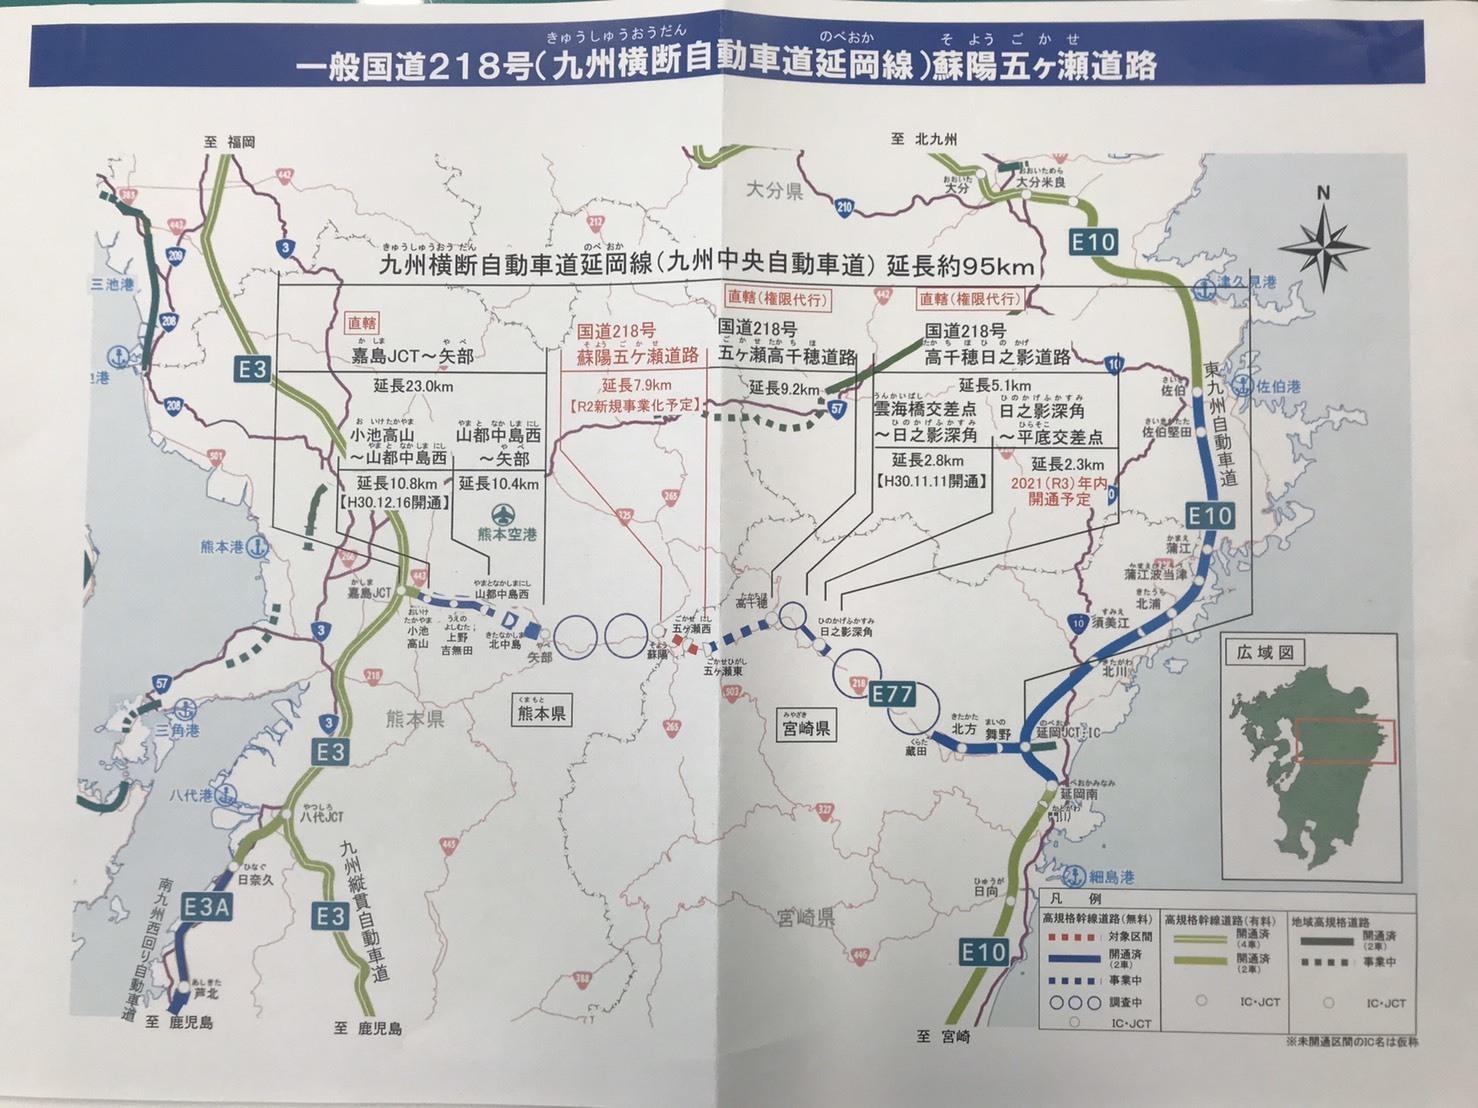 蘇陽五ヶ瀬道路新規事業化へ_a0143152_18522678.jpeg